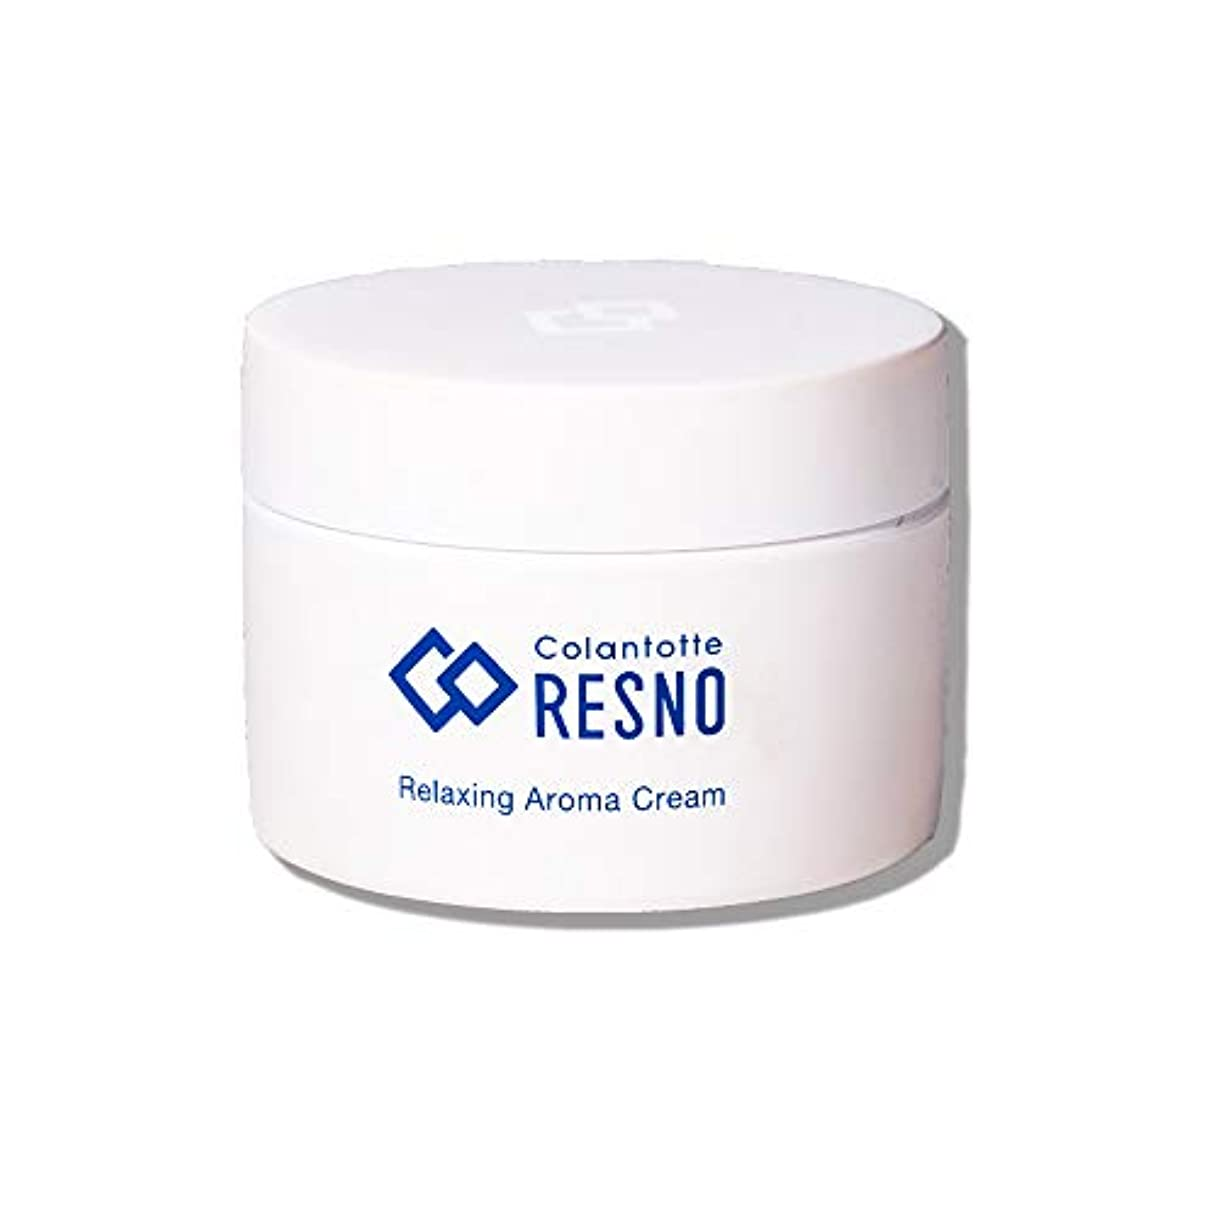 まばたき確立動かないコラントッテ RESNO リラクシング アロマ クリーム 50g colantotte RELAXING AROMA CREAM ボディクリーム